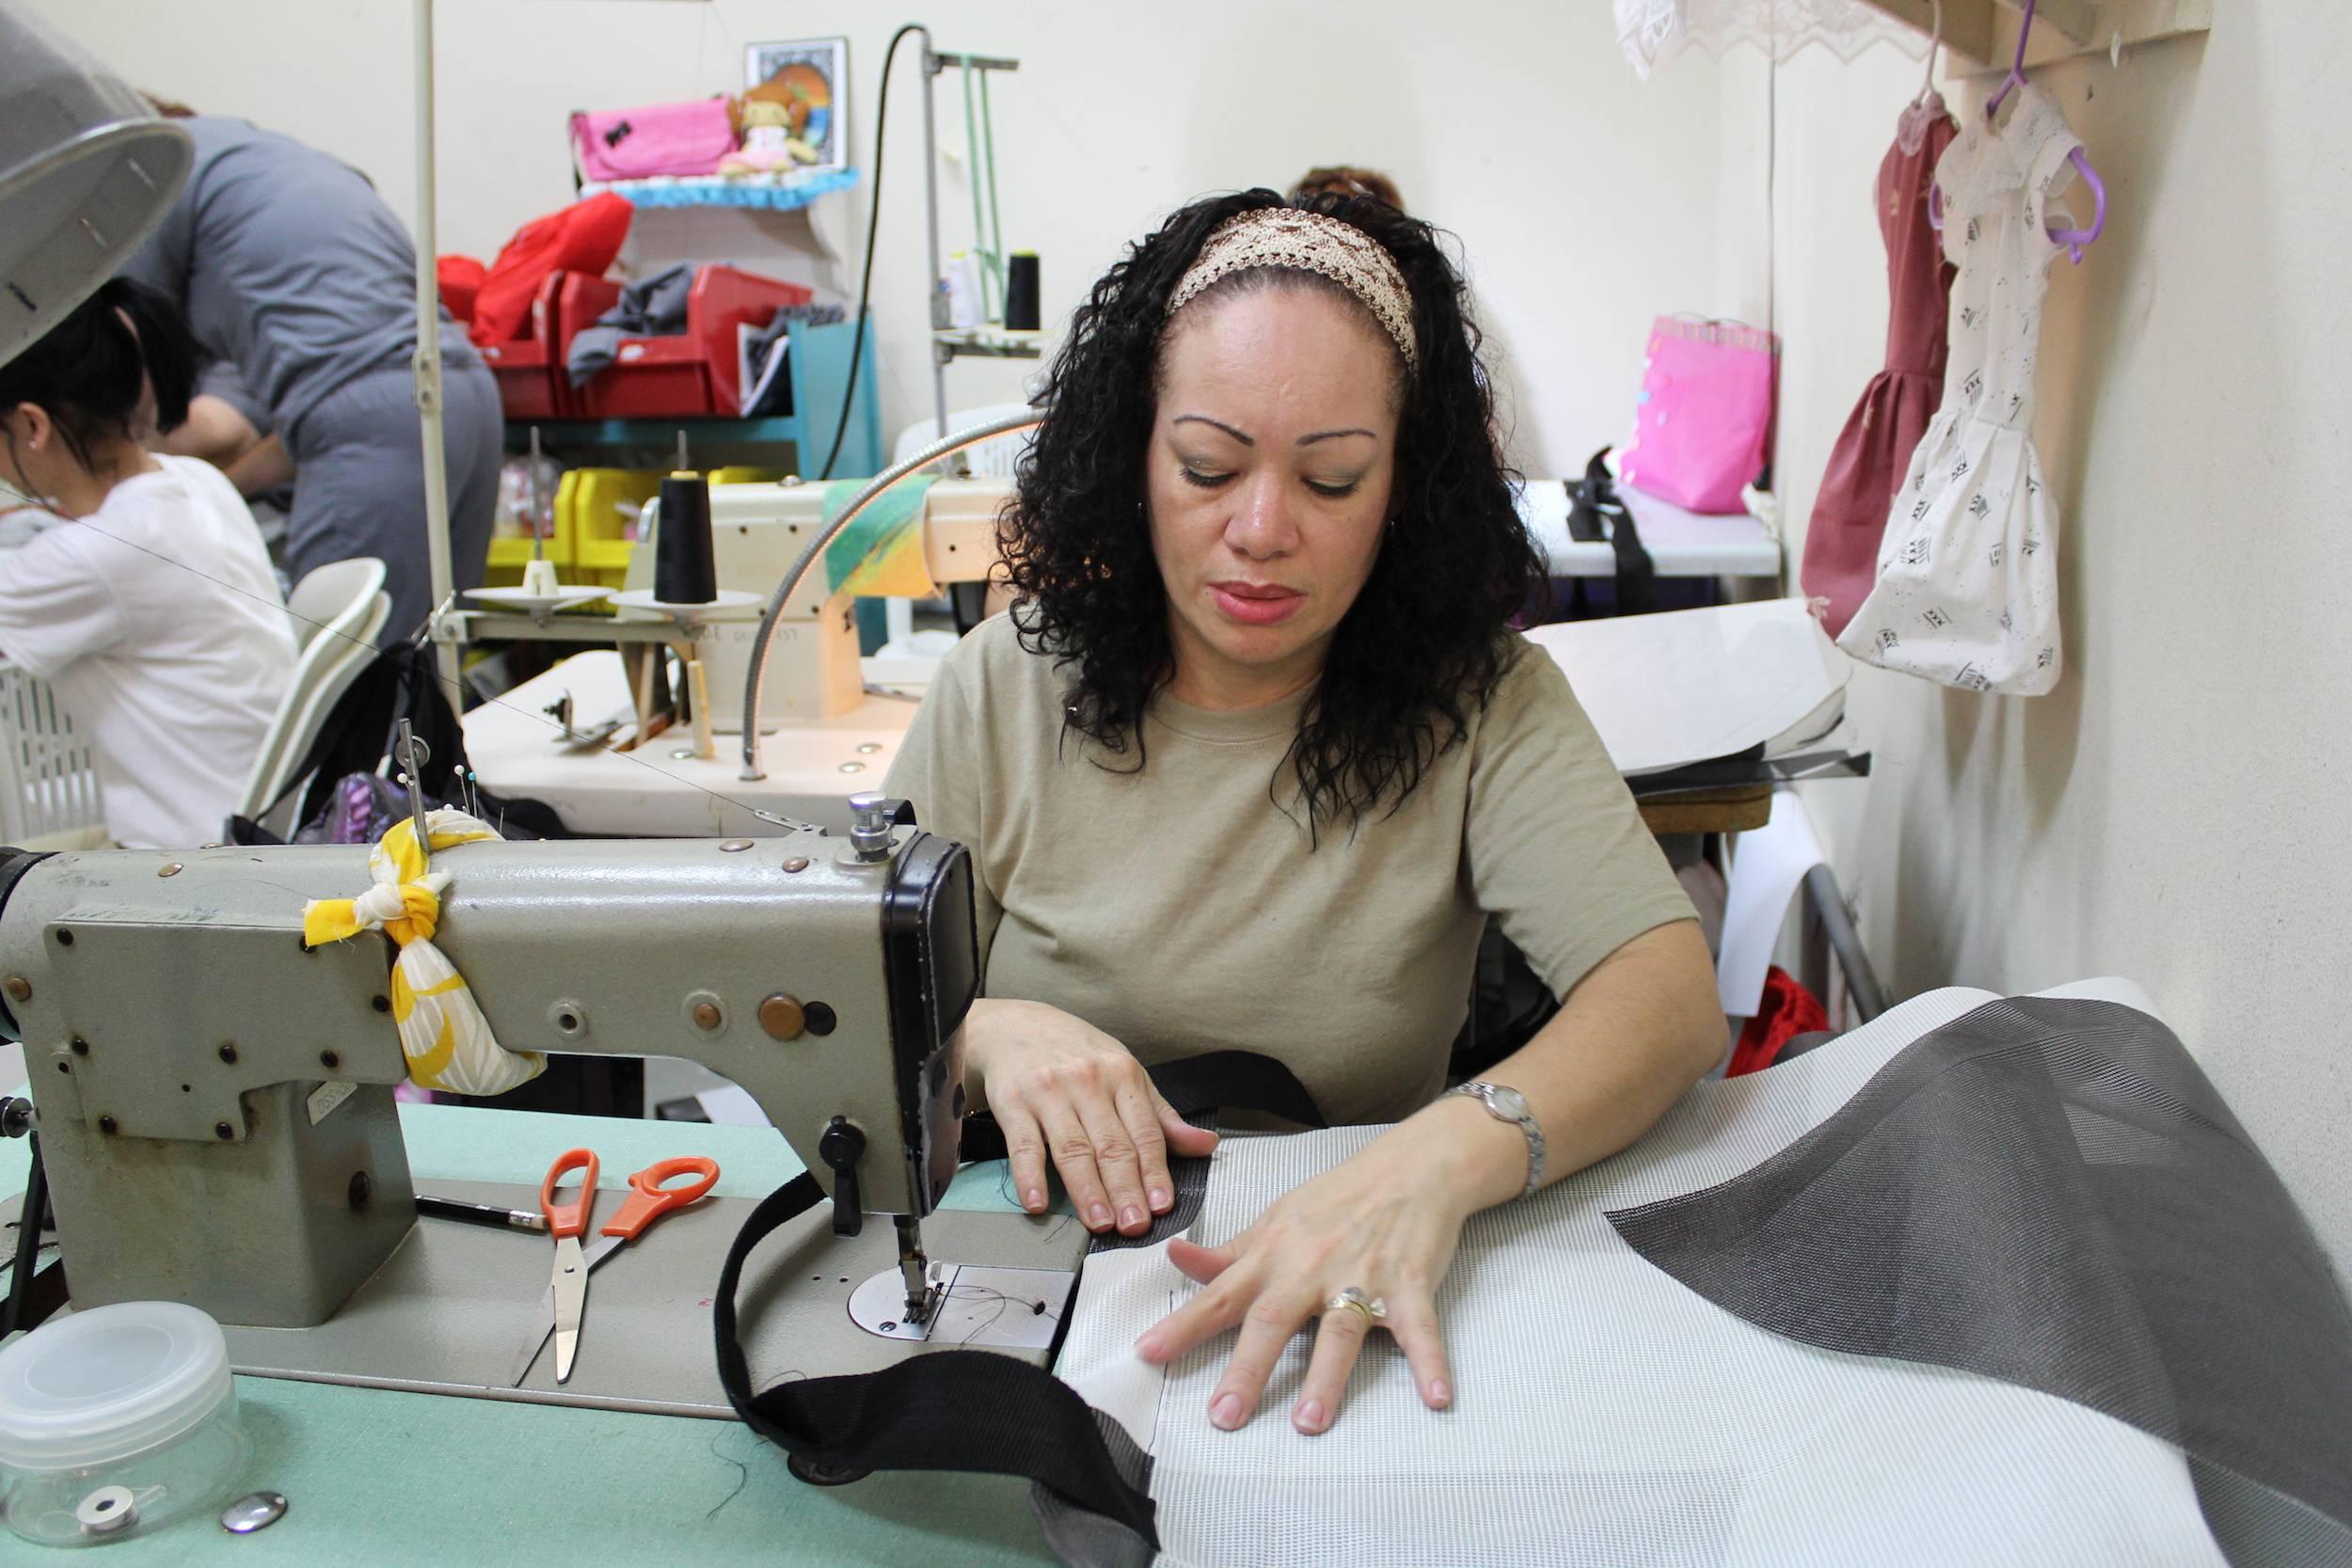 """""""Es como una pasión que yo tengo por la máquina. Yo llego y rápidamente quiero sentarme a coser. Es lo que me gusta. Lo aprendí aquí en Corrección. Cuando llegué de la calle, no sabía nada de eso"""", expresó Ana Contrera, de 42 años. / Foto: David Cordero M"""